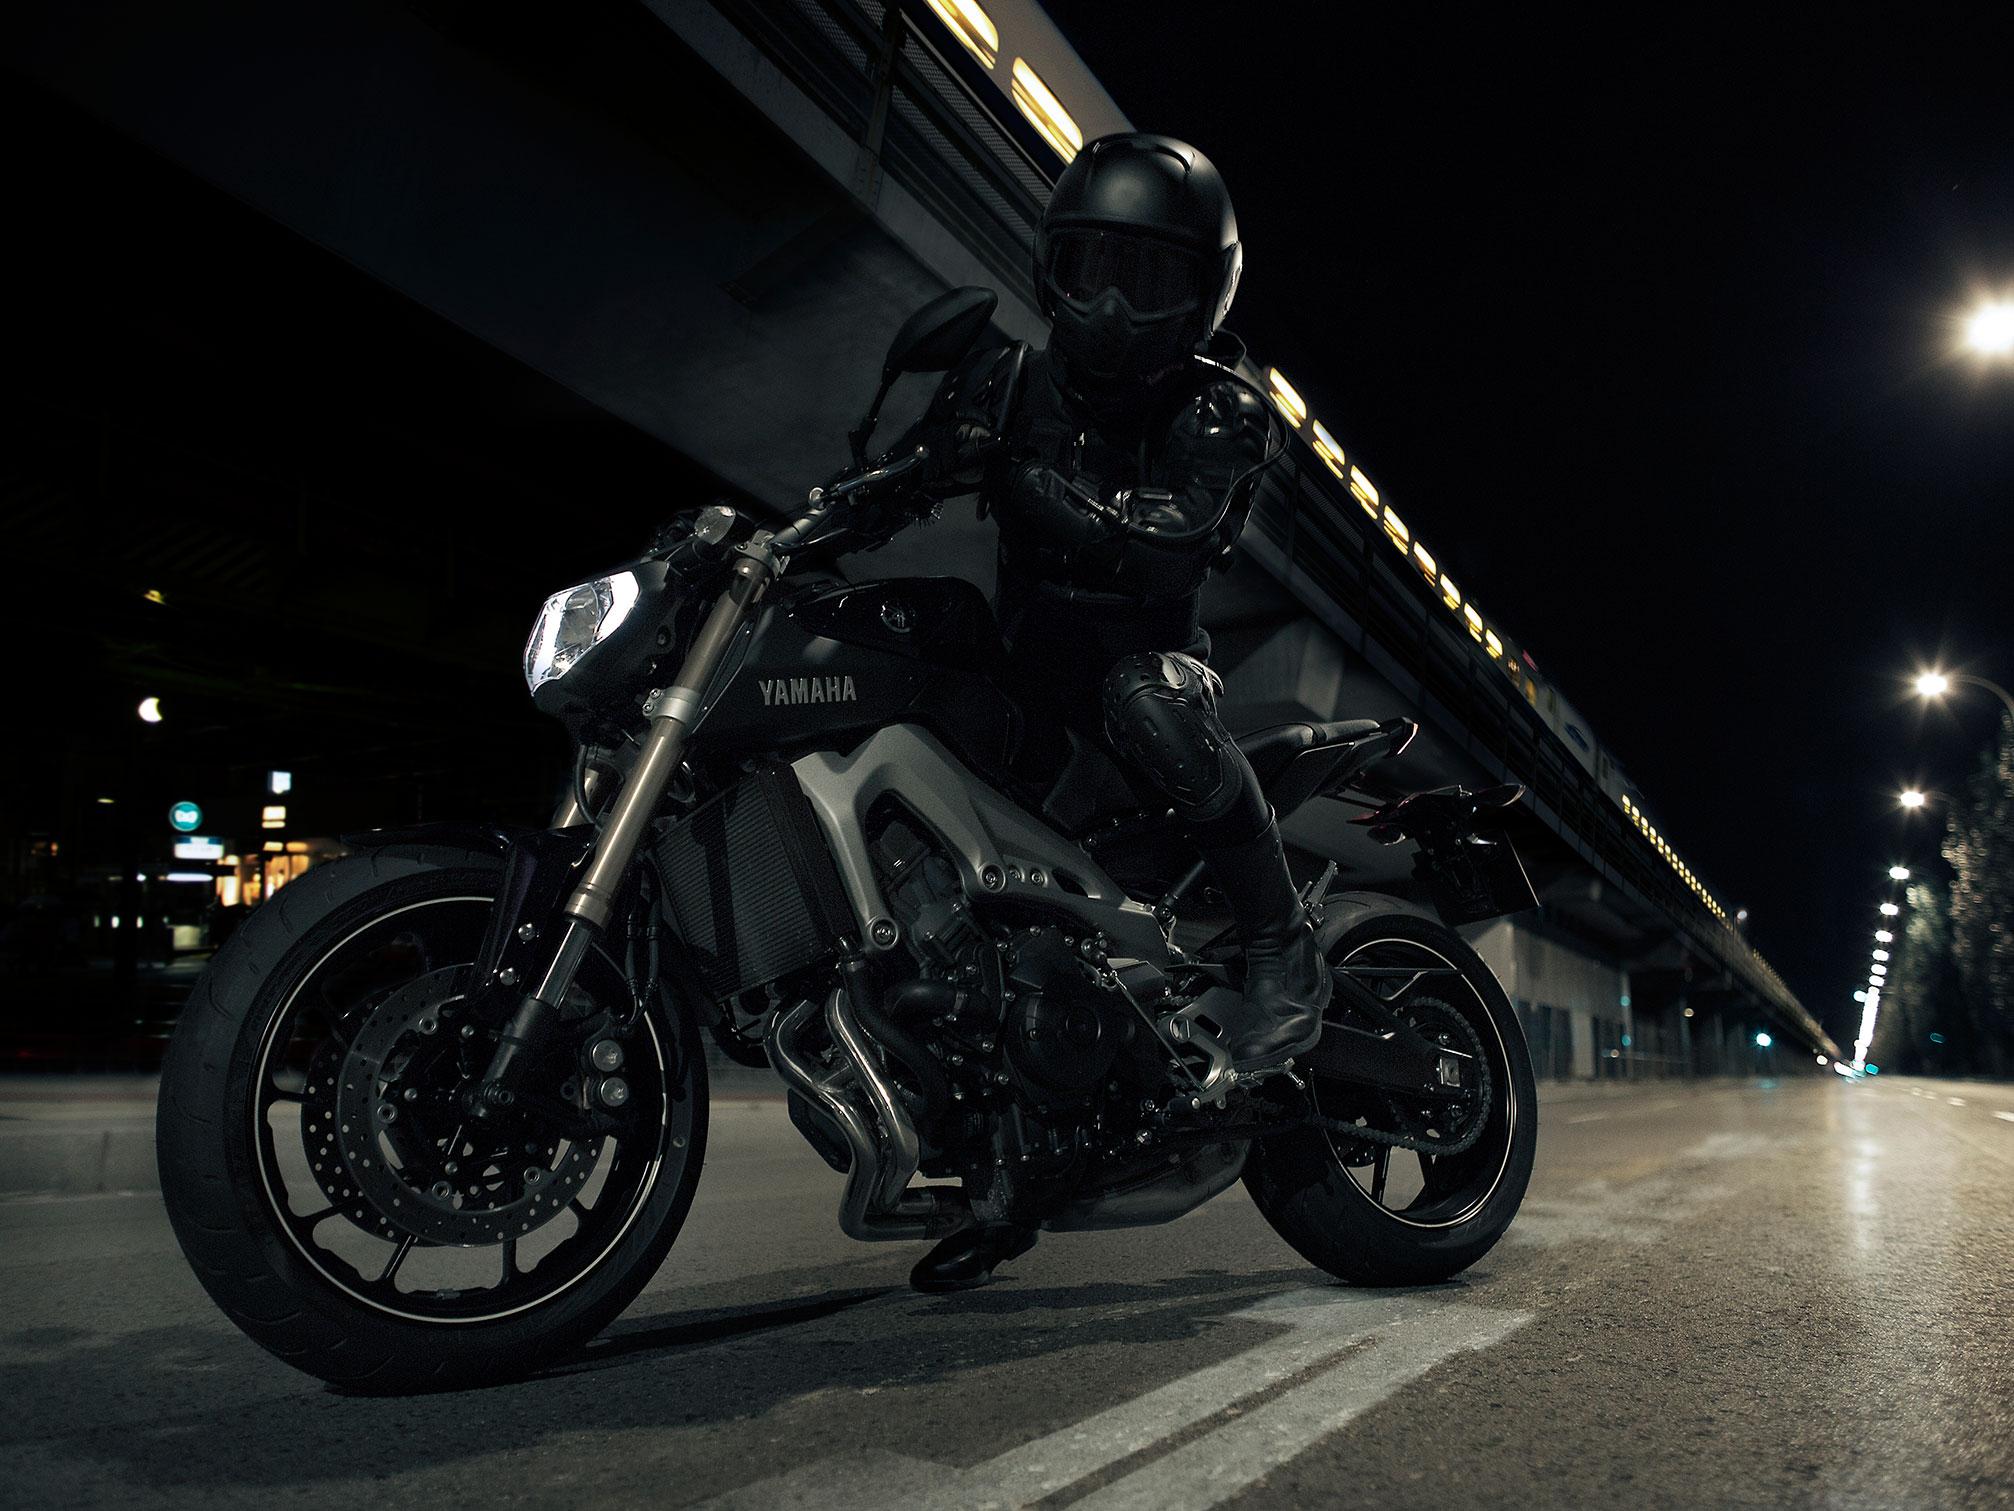 2014 Yamaha FZ-09 Bike Motorbike Wallpaper